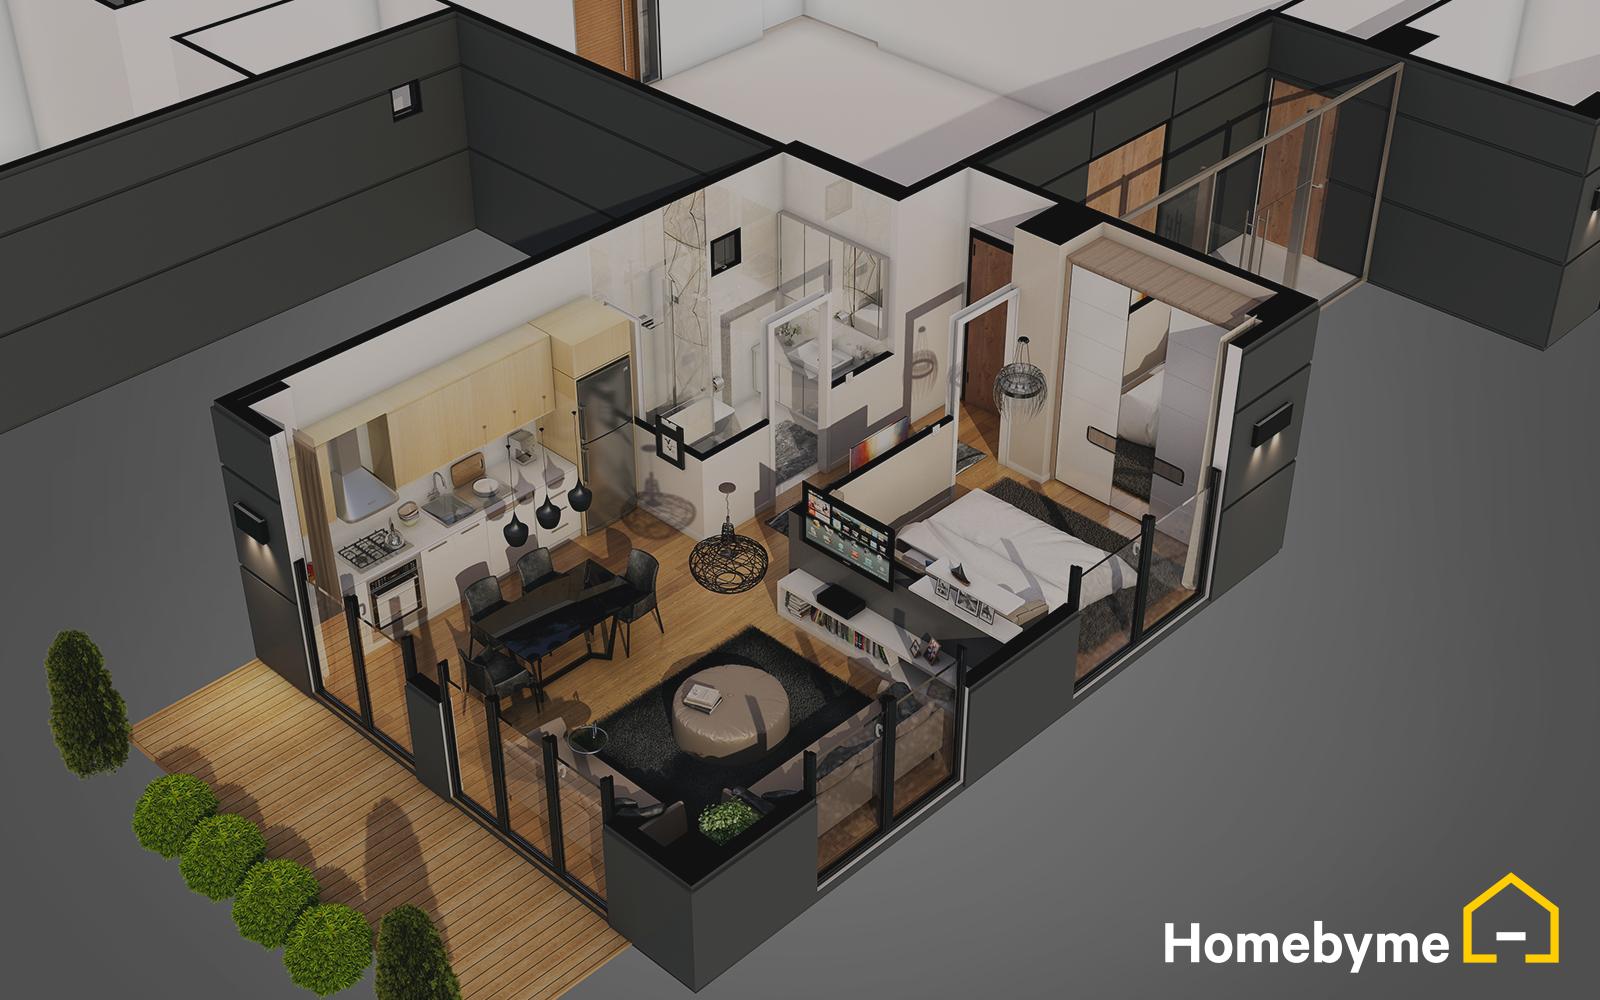 jeux de de maison gratuit 3d elegant logiciel loisirs maison u jardin d simulateur de vranda. Black Bedroom Furniture Sets. Home Design Ideas